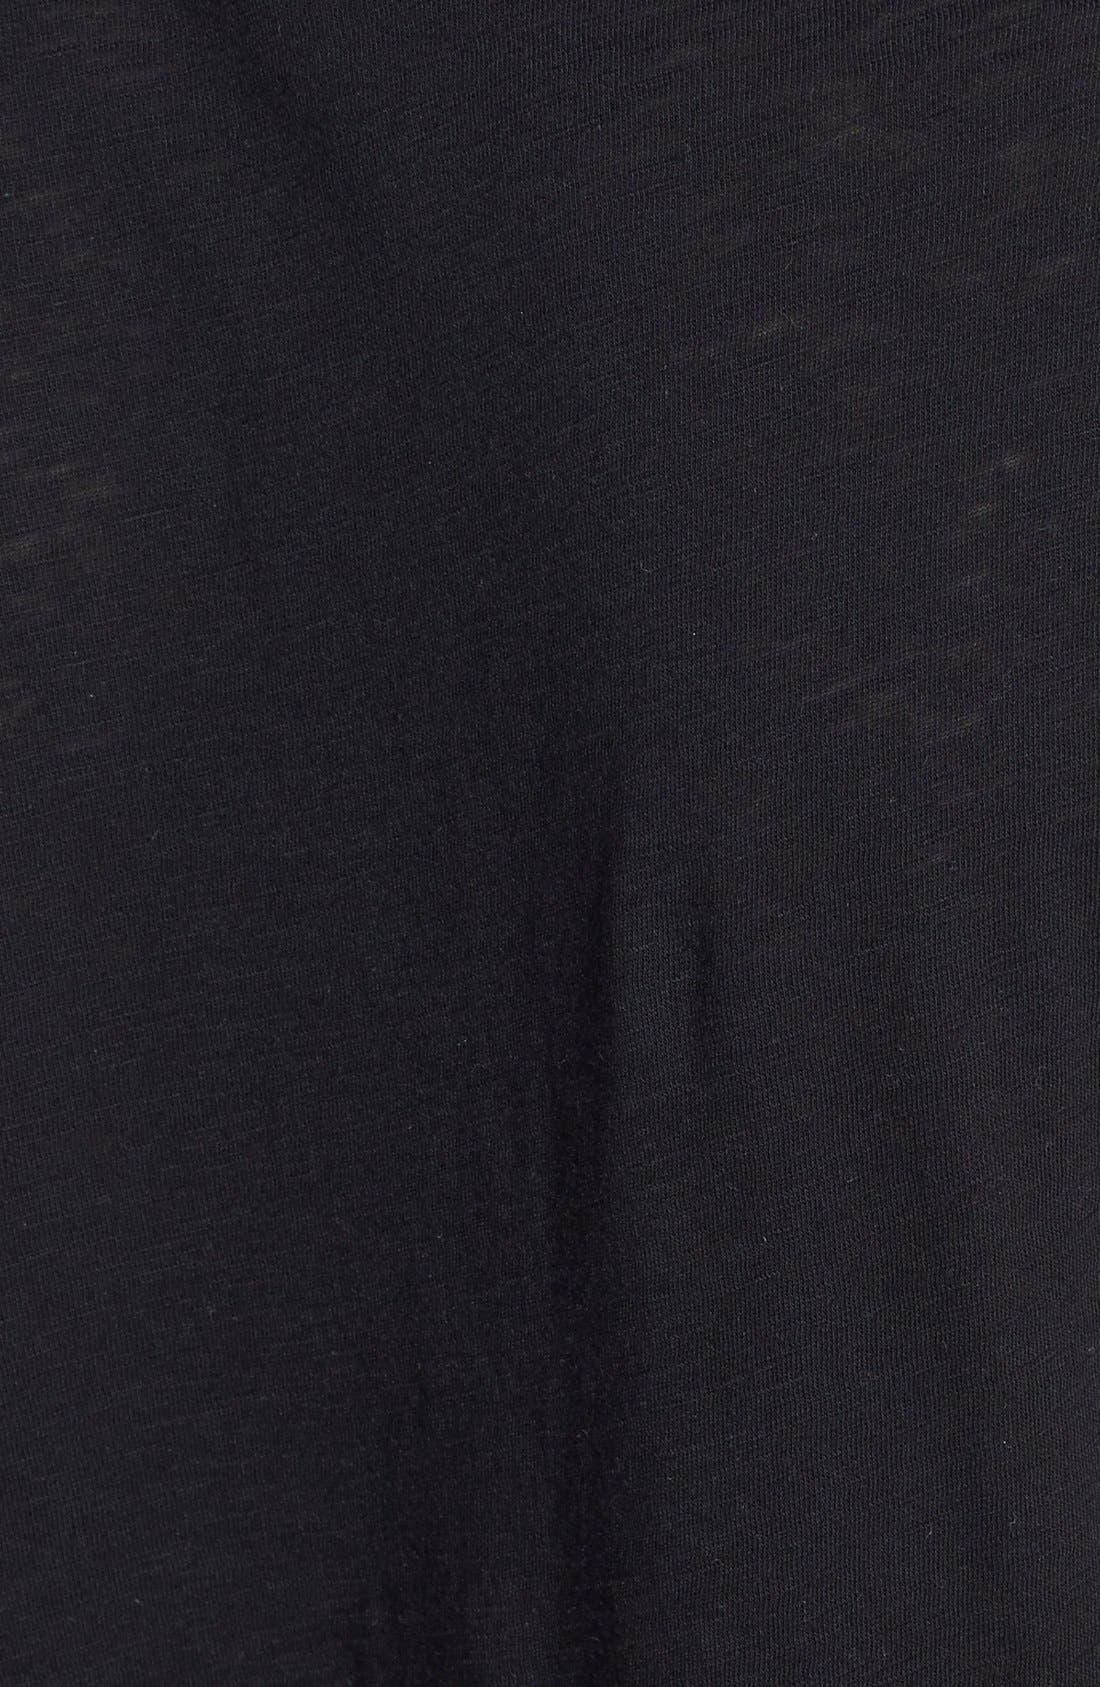 Knot Detail Slub Knit Tee,                             Alternate thumbnail 3, color,                             001